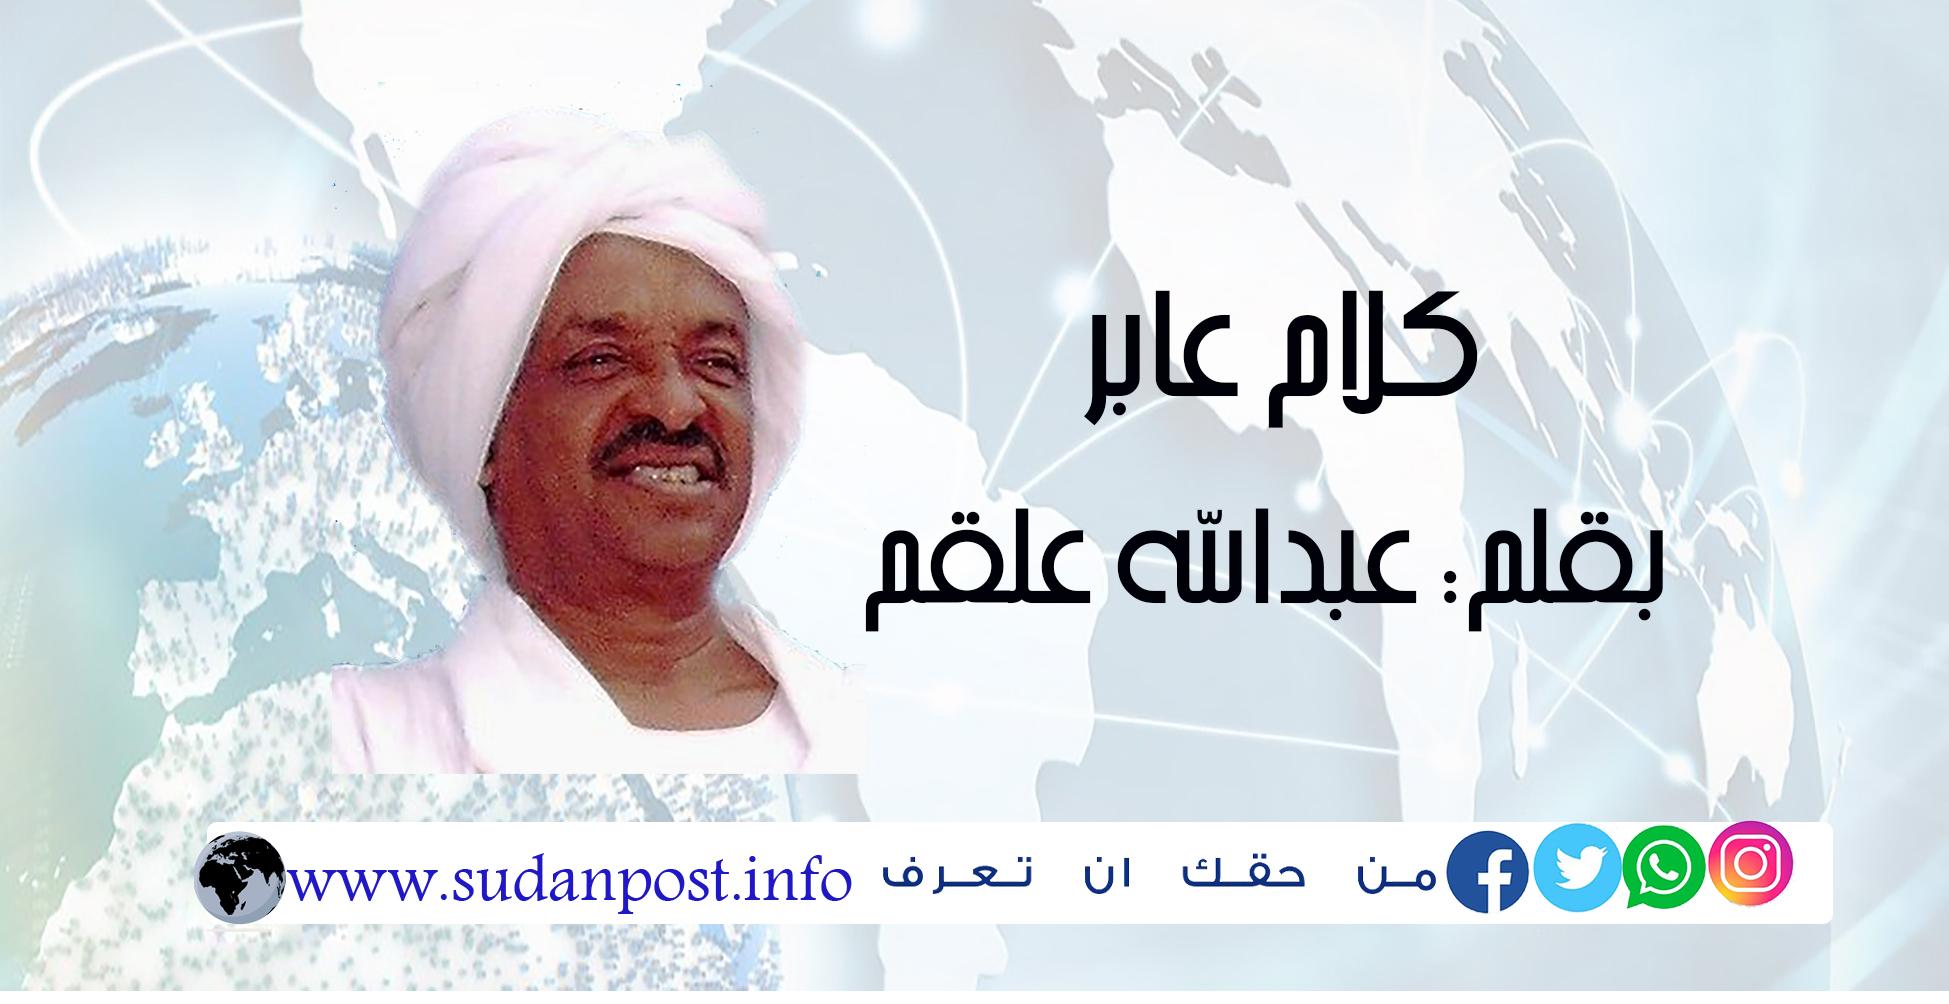 كلام عابر … بقلم: عبدالله علقم .. ثلاثة ولاة وعالم وعطش